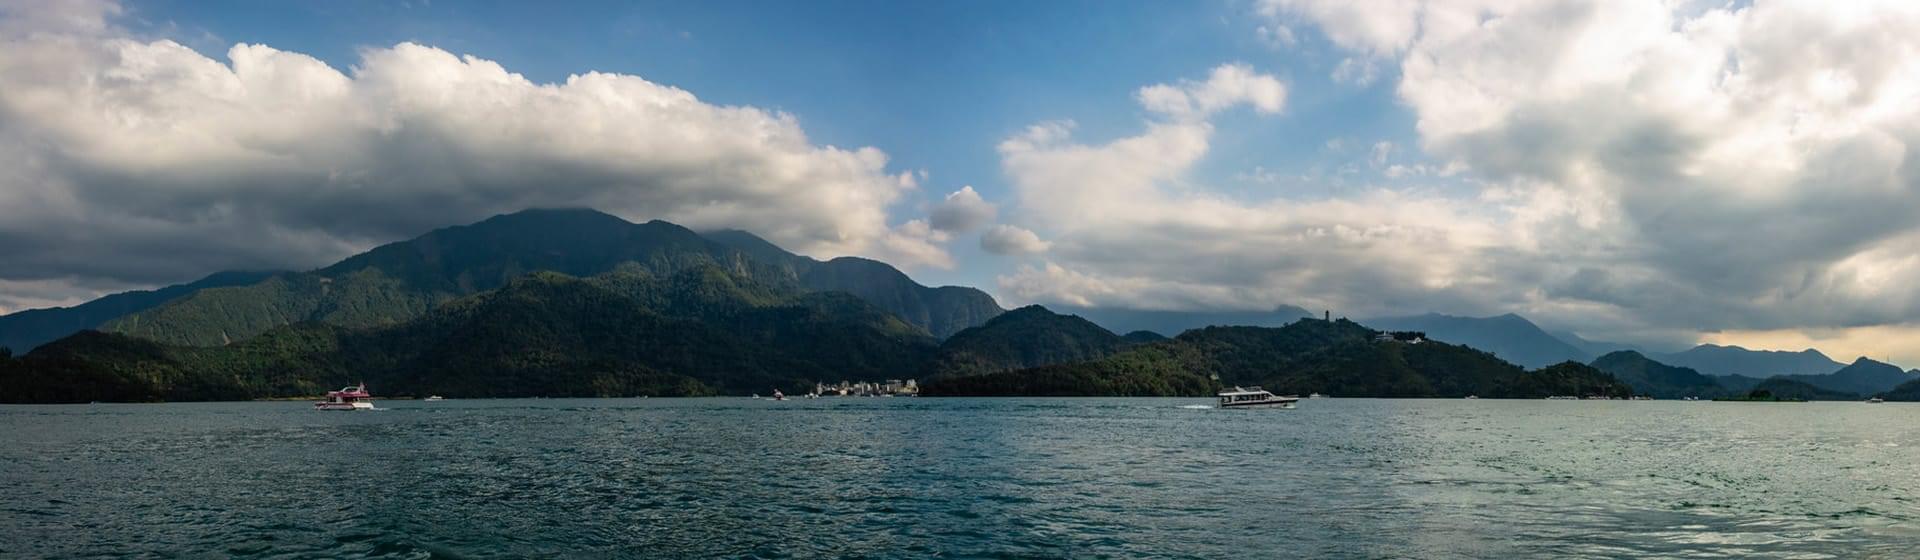 Озеро солнца и луны и горный район Алишань <br> Тайбэй – Наньтоу – Пули – озеро Солнца и Луны – Алишань – Цзяи – Тайбэй